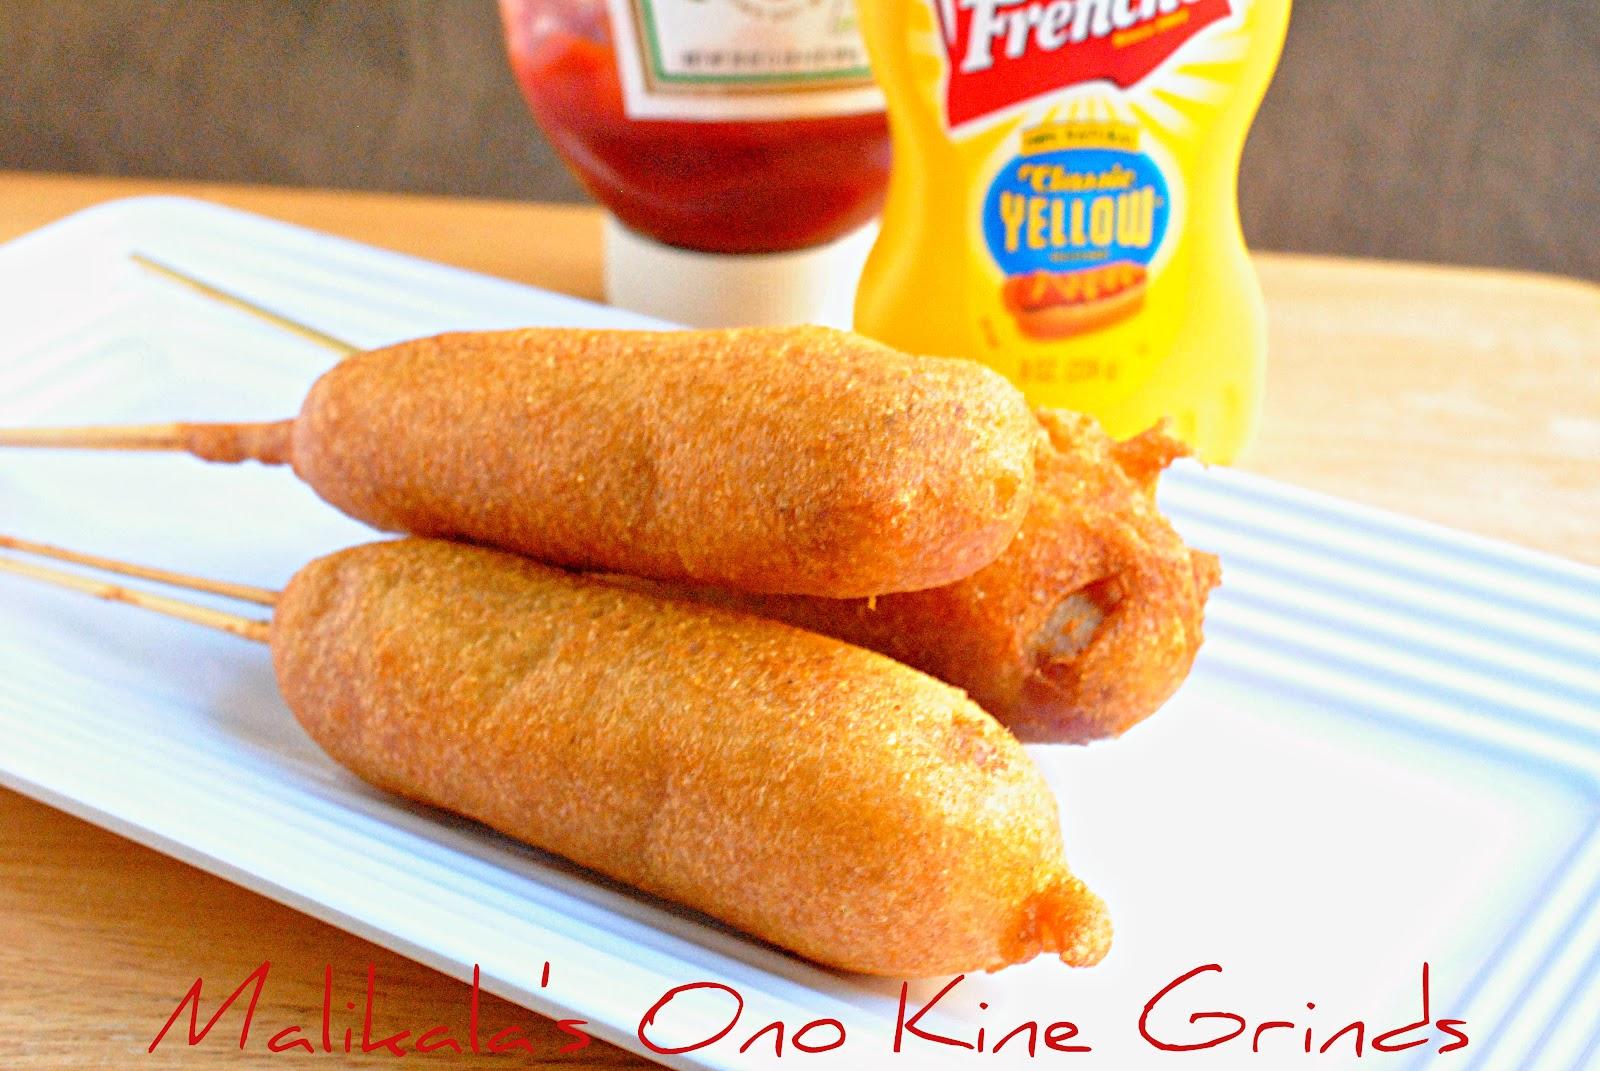 Malikala's Ono Kine Grinds: Corn Dogs